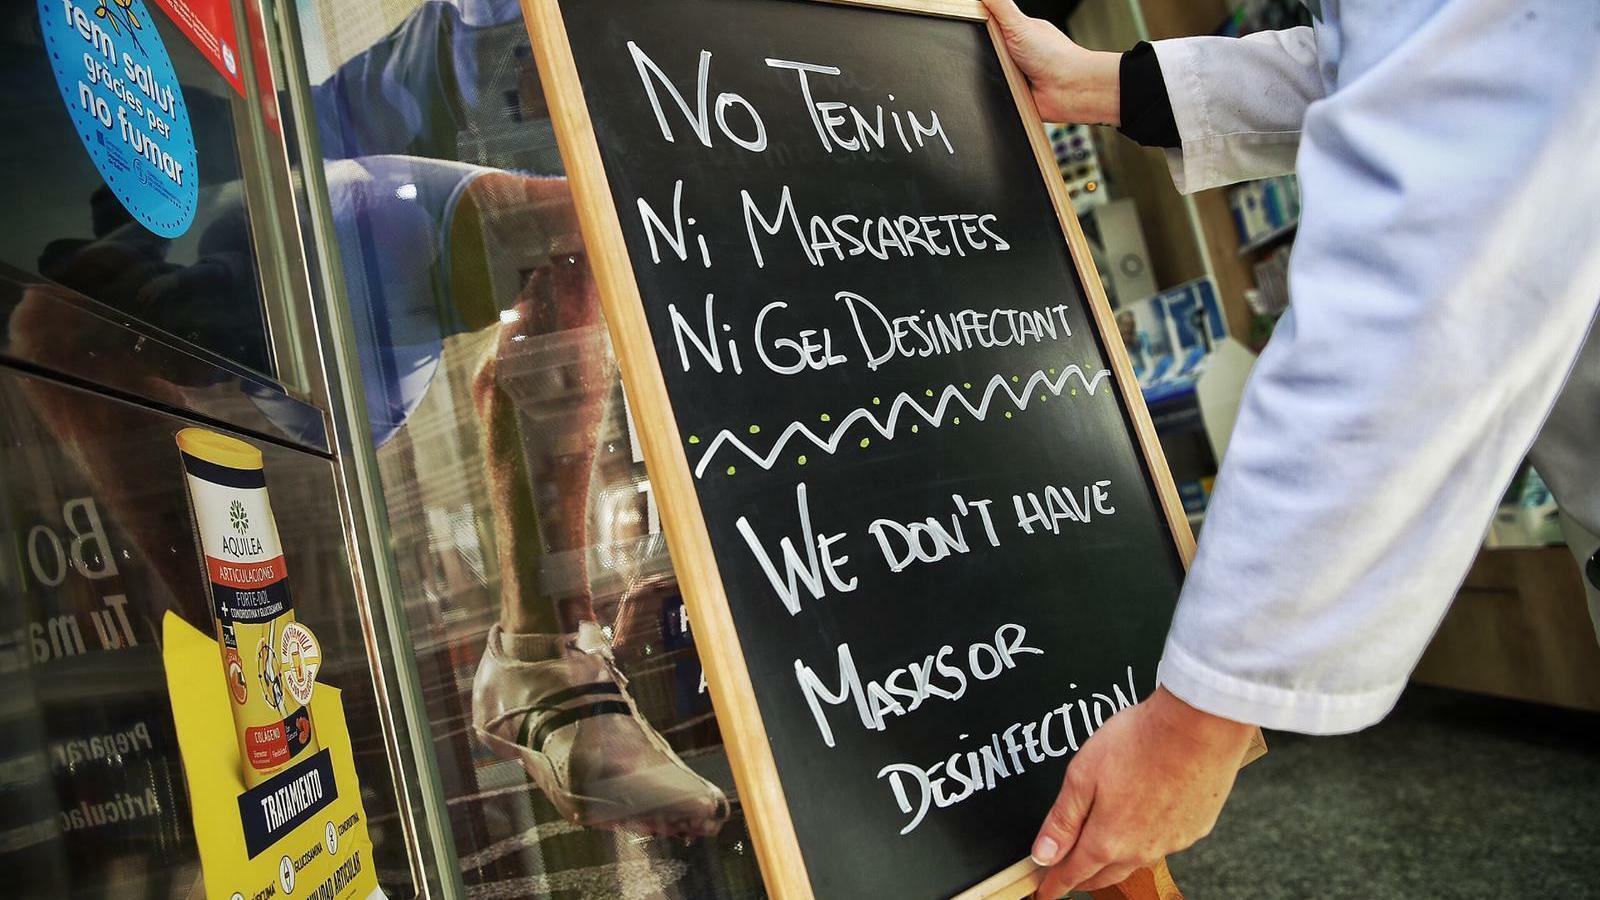 Una farmacia a l'Eixample de Barcelona col·locant un cartell advertint que no tenen mascaretes contra el coronavirus